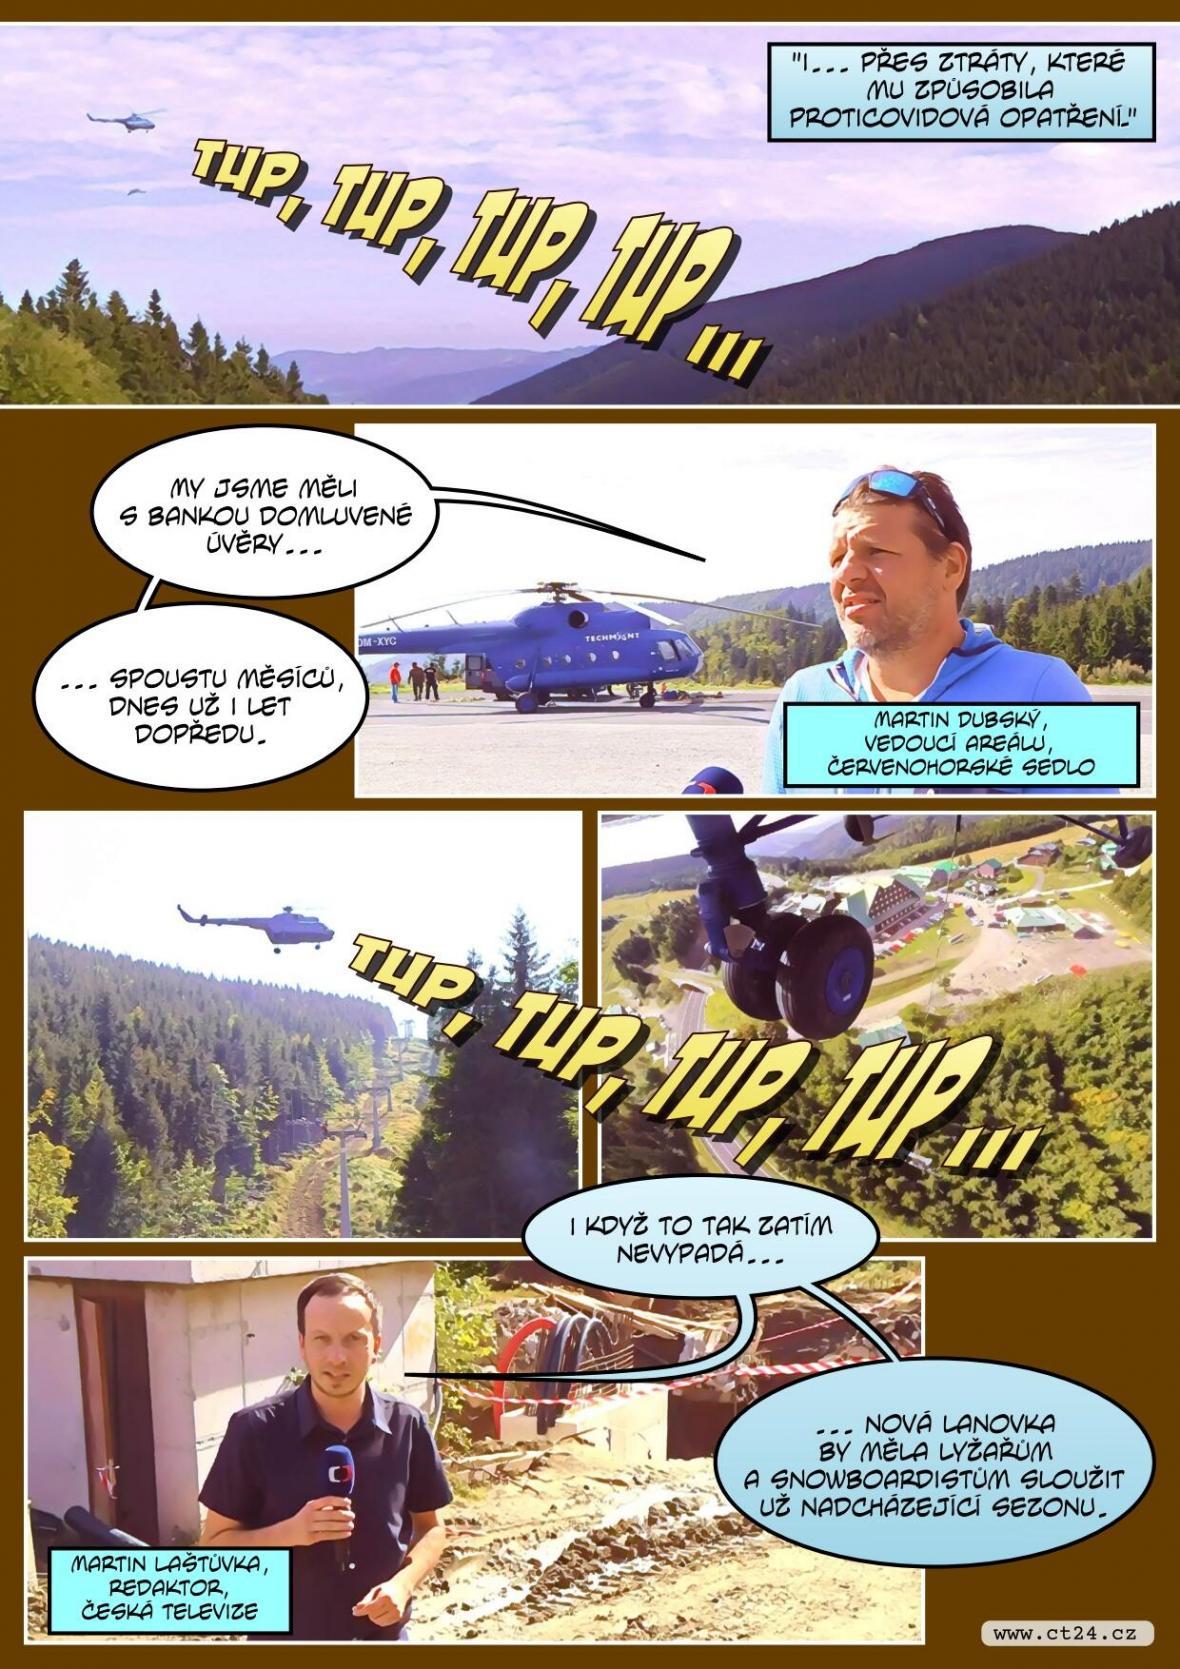 Vrtulník v Jeseníkách pomáhal při stavbě nové lanovky